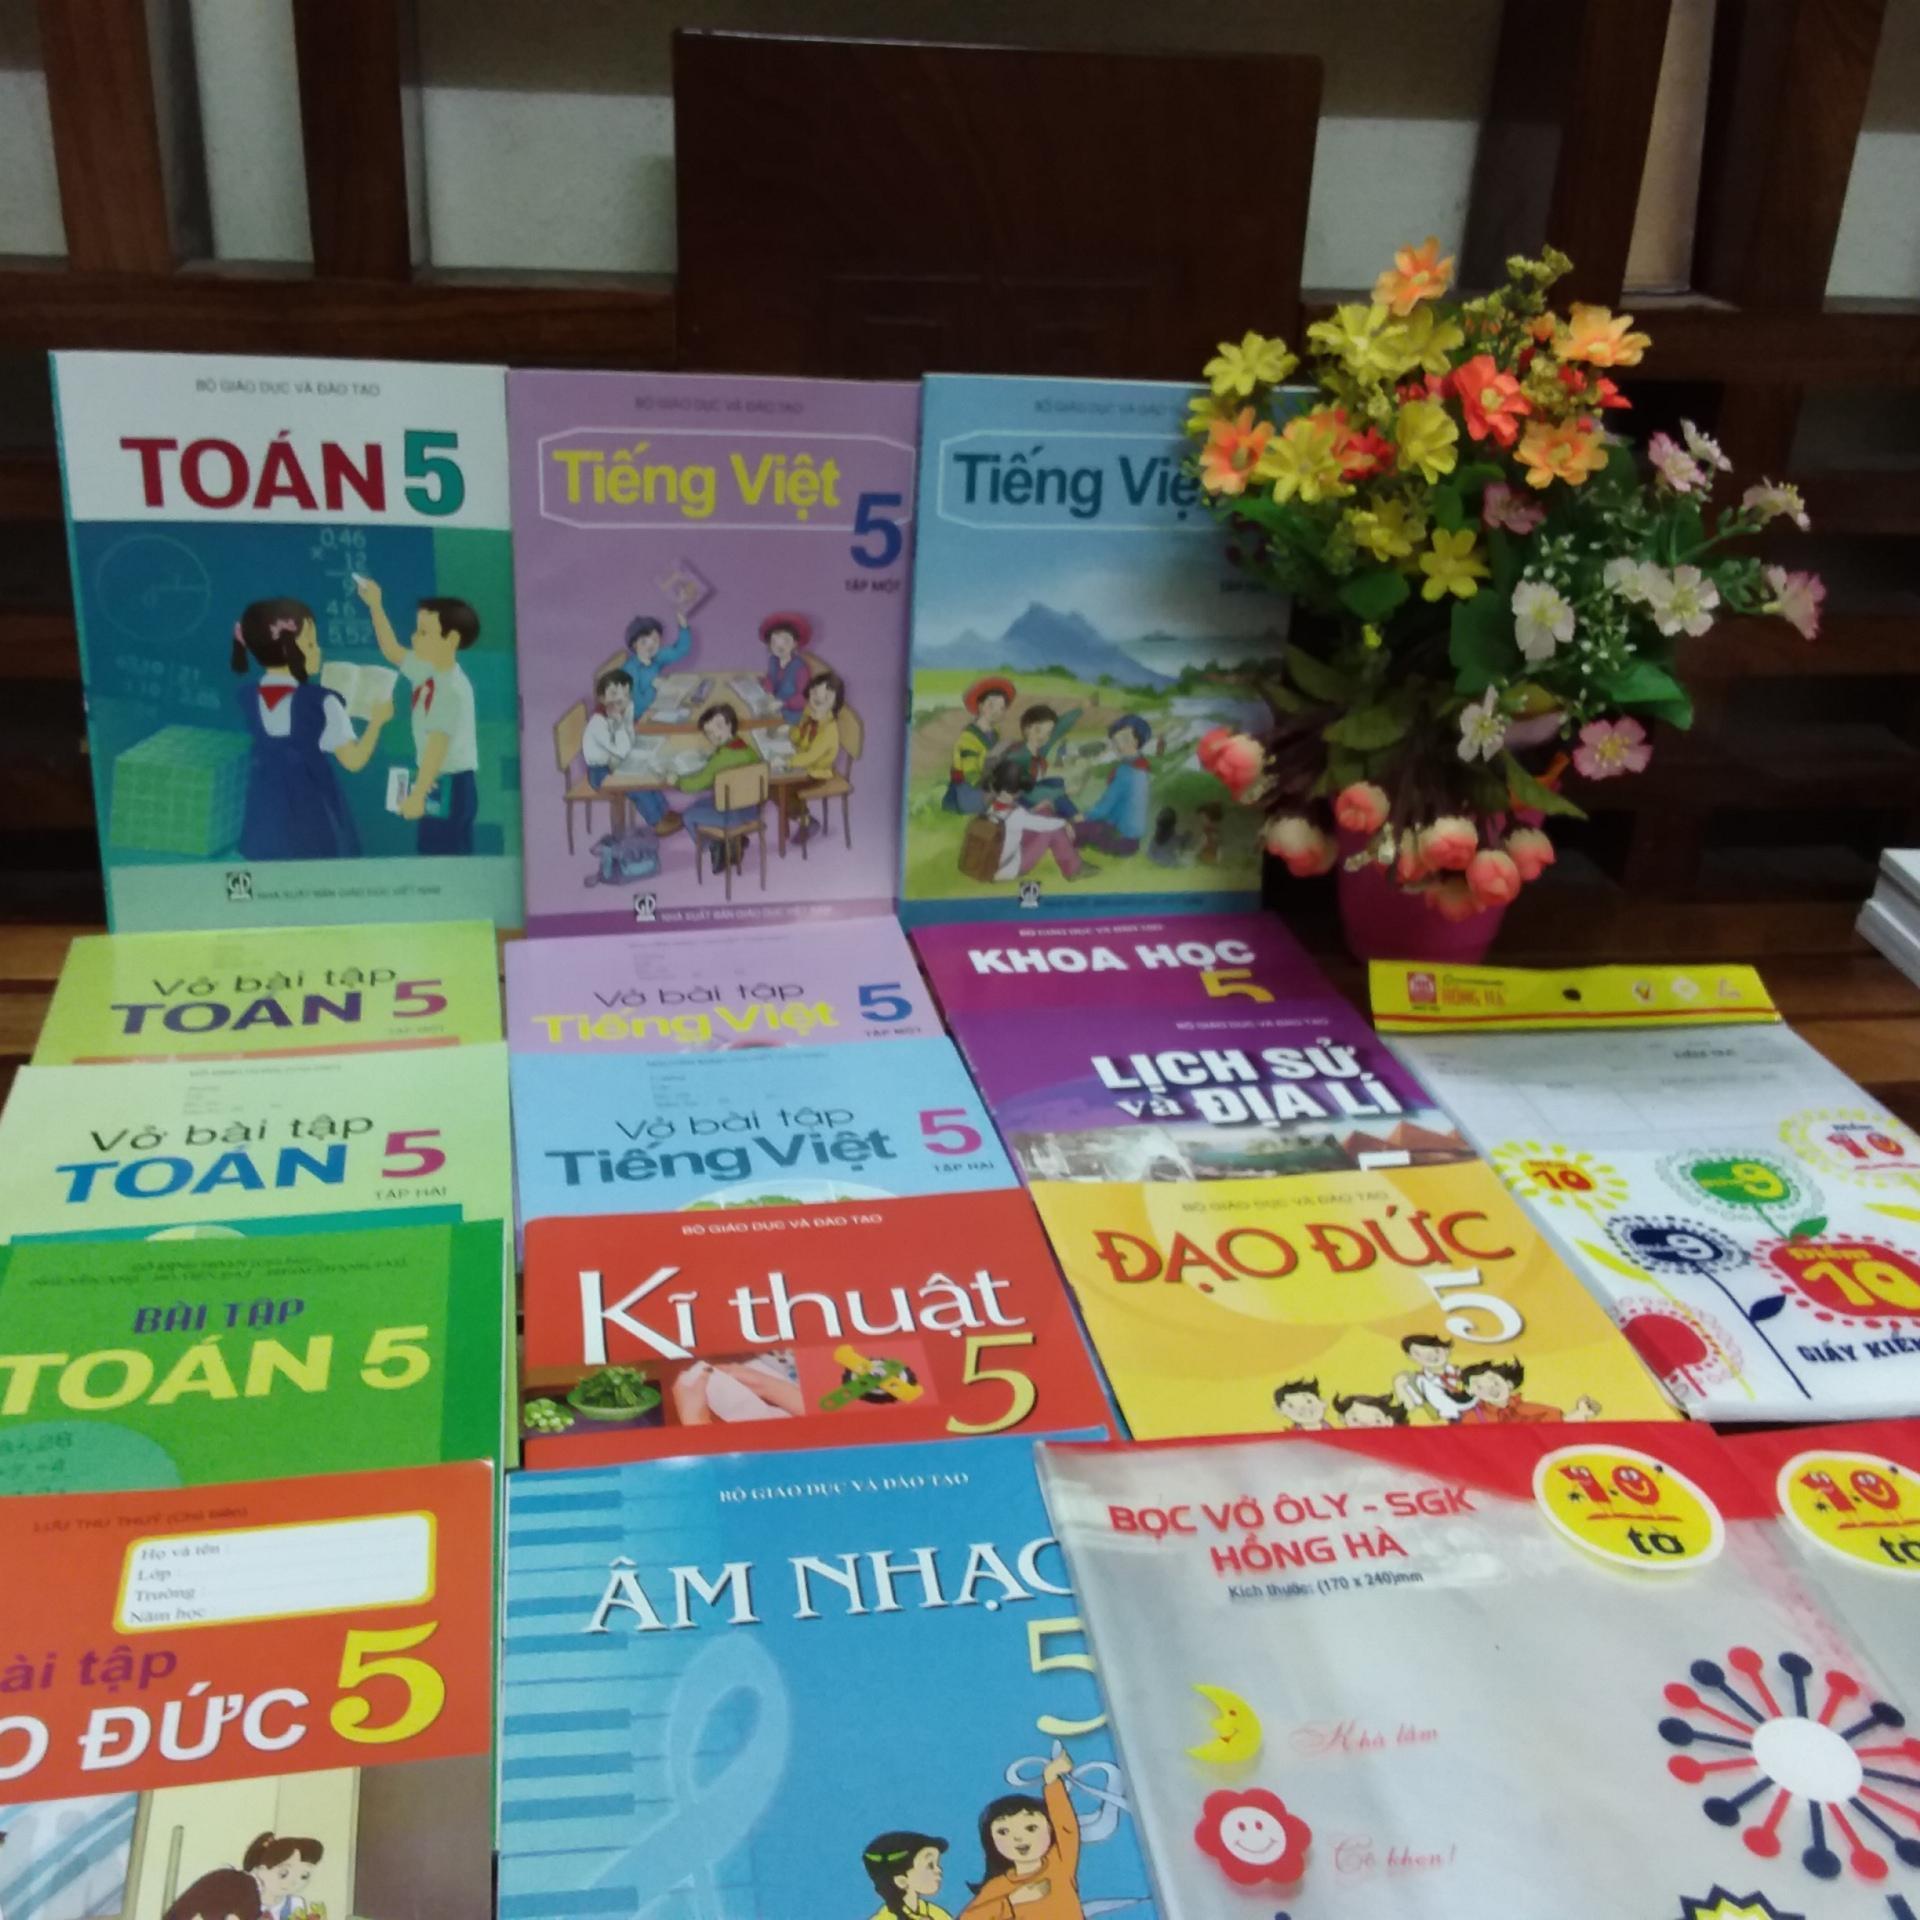 Mua Bộ sách giáo khoa lớp 5 ( gồm 21 cuốn sách + bài tập ) + 2 tập bọc sách giáo khoa +1 tập giấy kiểm tra Hồng hà